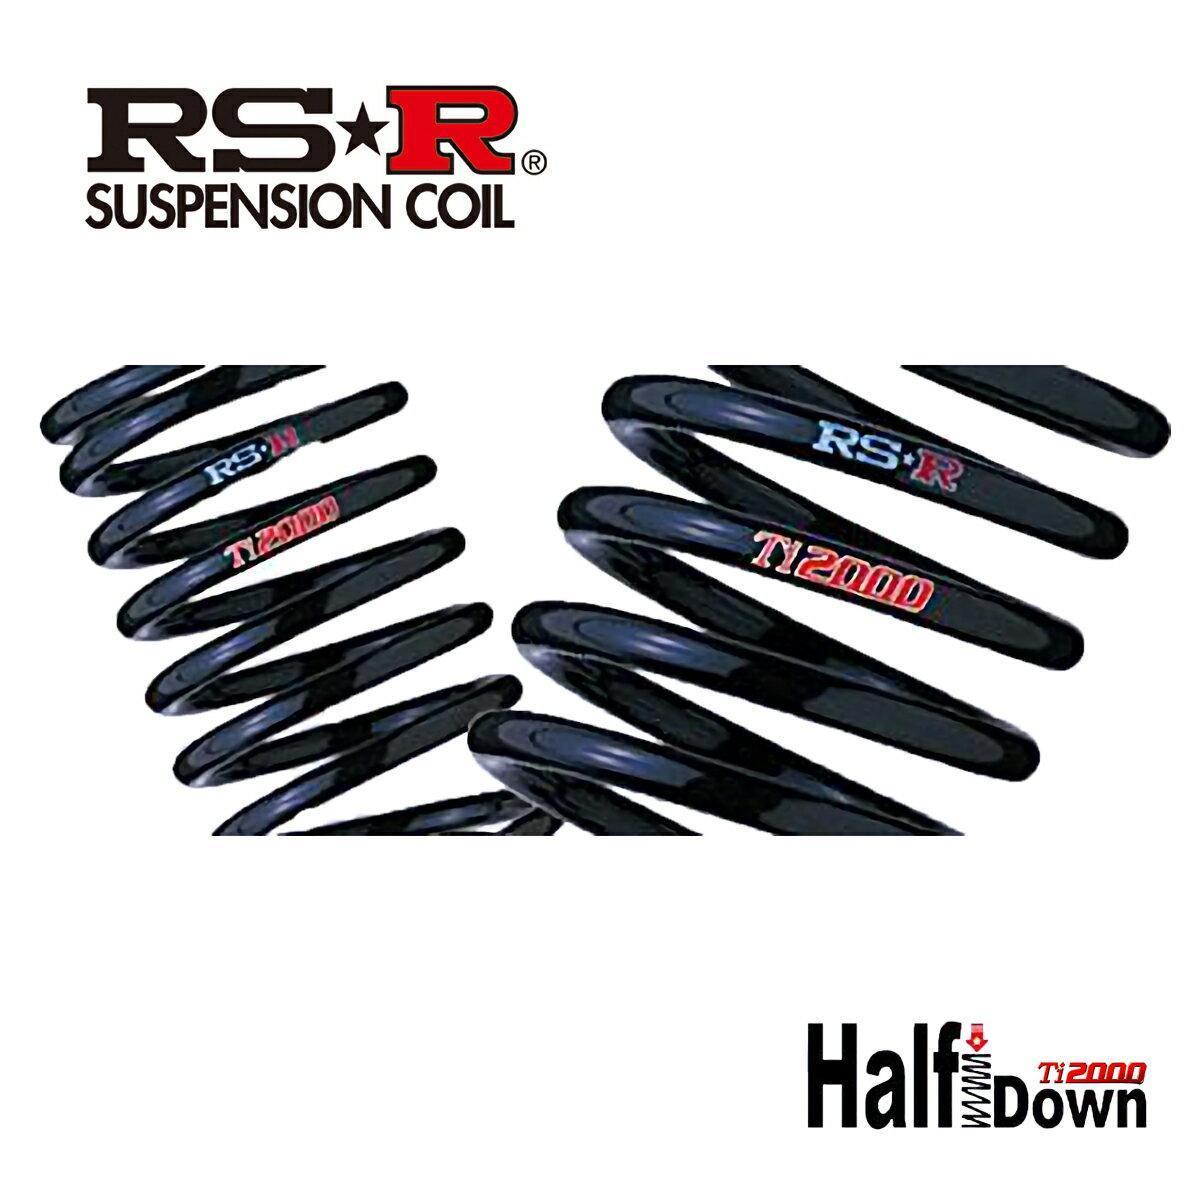 RS-R タンク 出荷 M900A ダウンサス スプリング フロント T513THDF DOWN バーゲンセール HALF RSR Ti2000 個人宅発送追金有 GS ハーフダウン